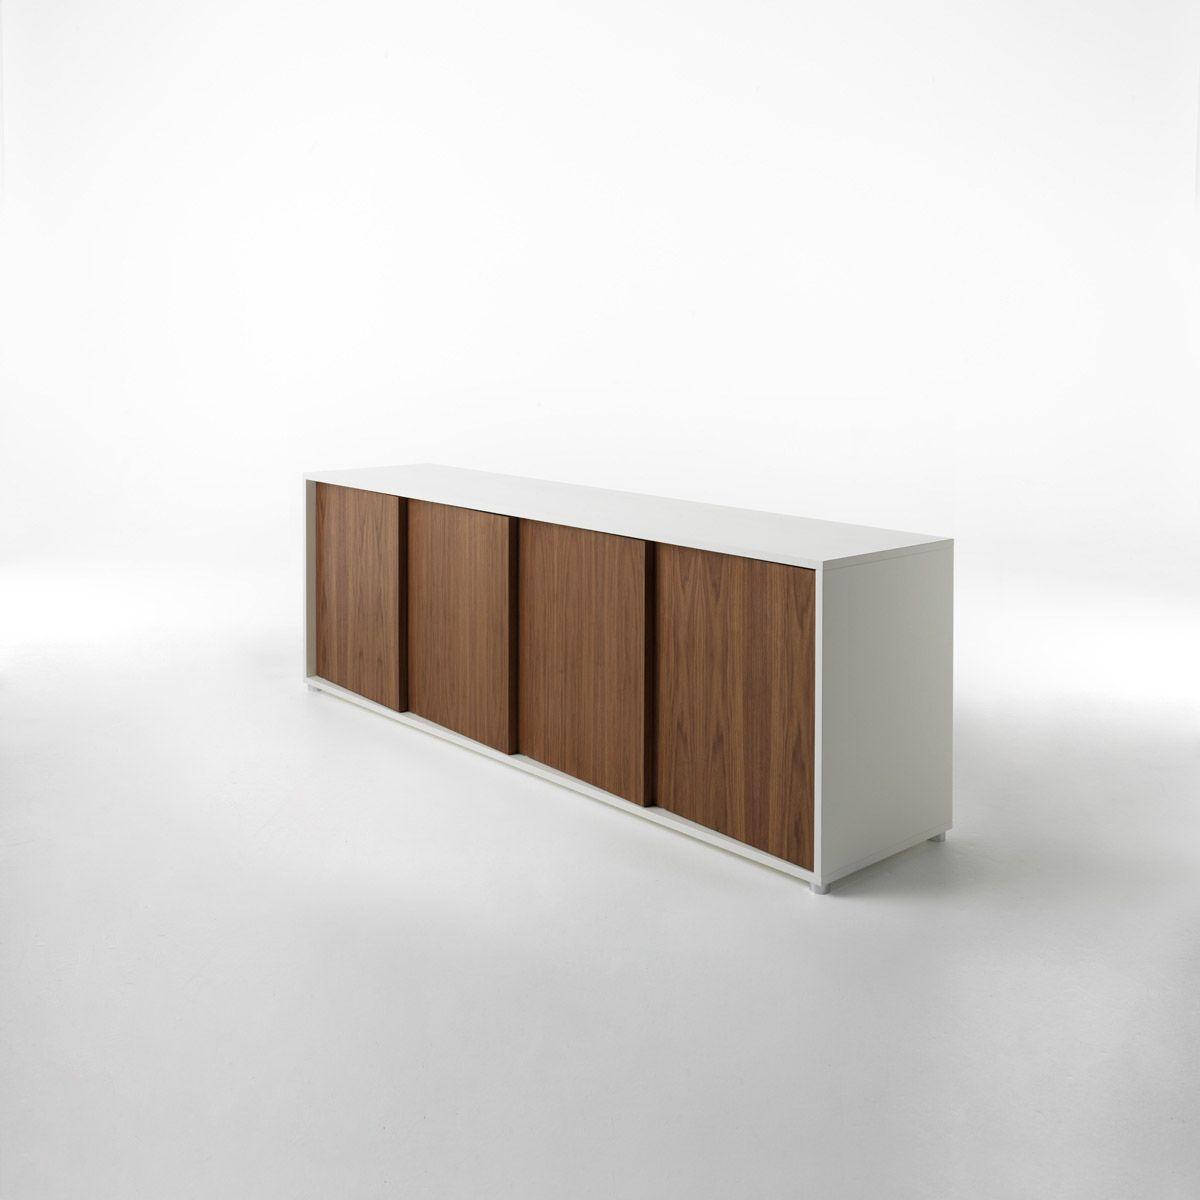 Oblique Contemporary sideboard, Sideboard designs, Sideboard